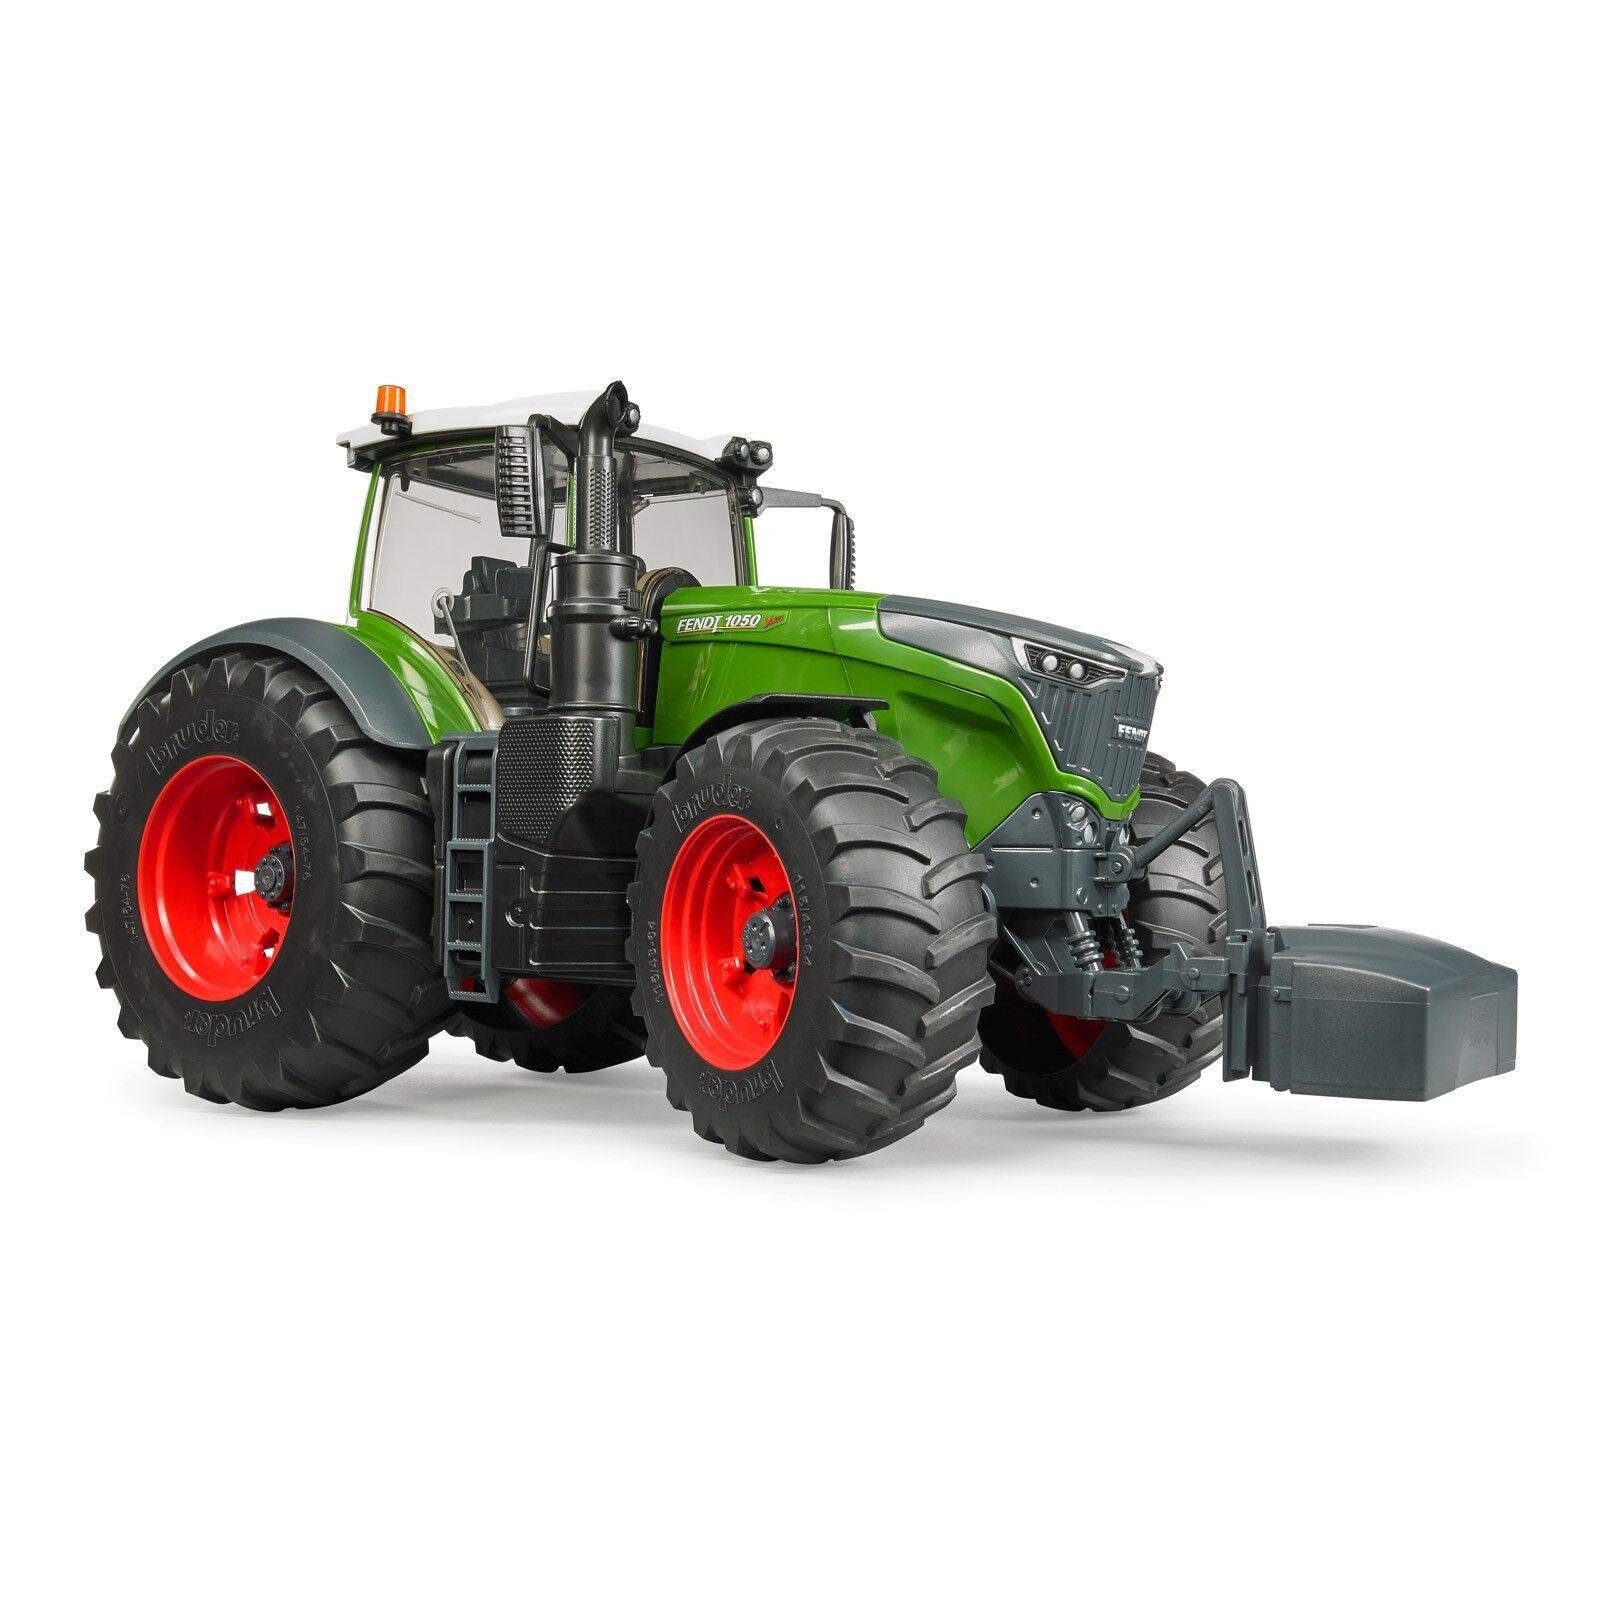 Bruder Traktor Fendt 1050 Vario Bauernhof Spielzeug Landwirtschaft / 04040